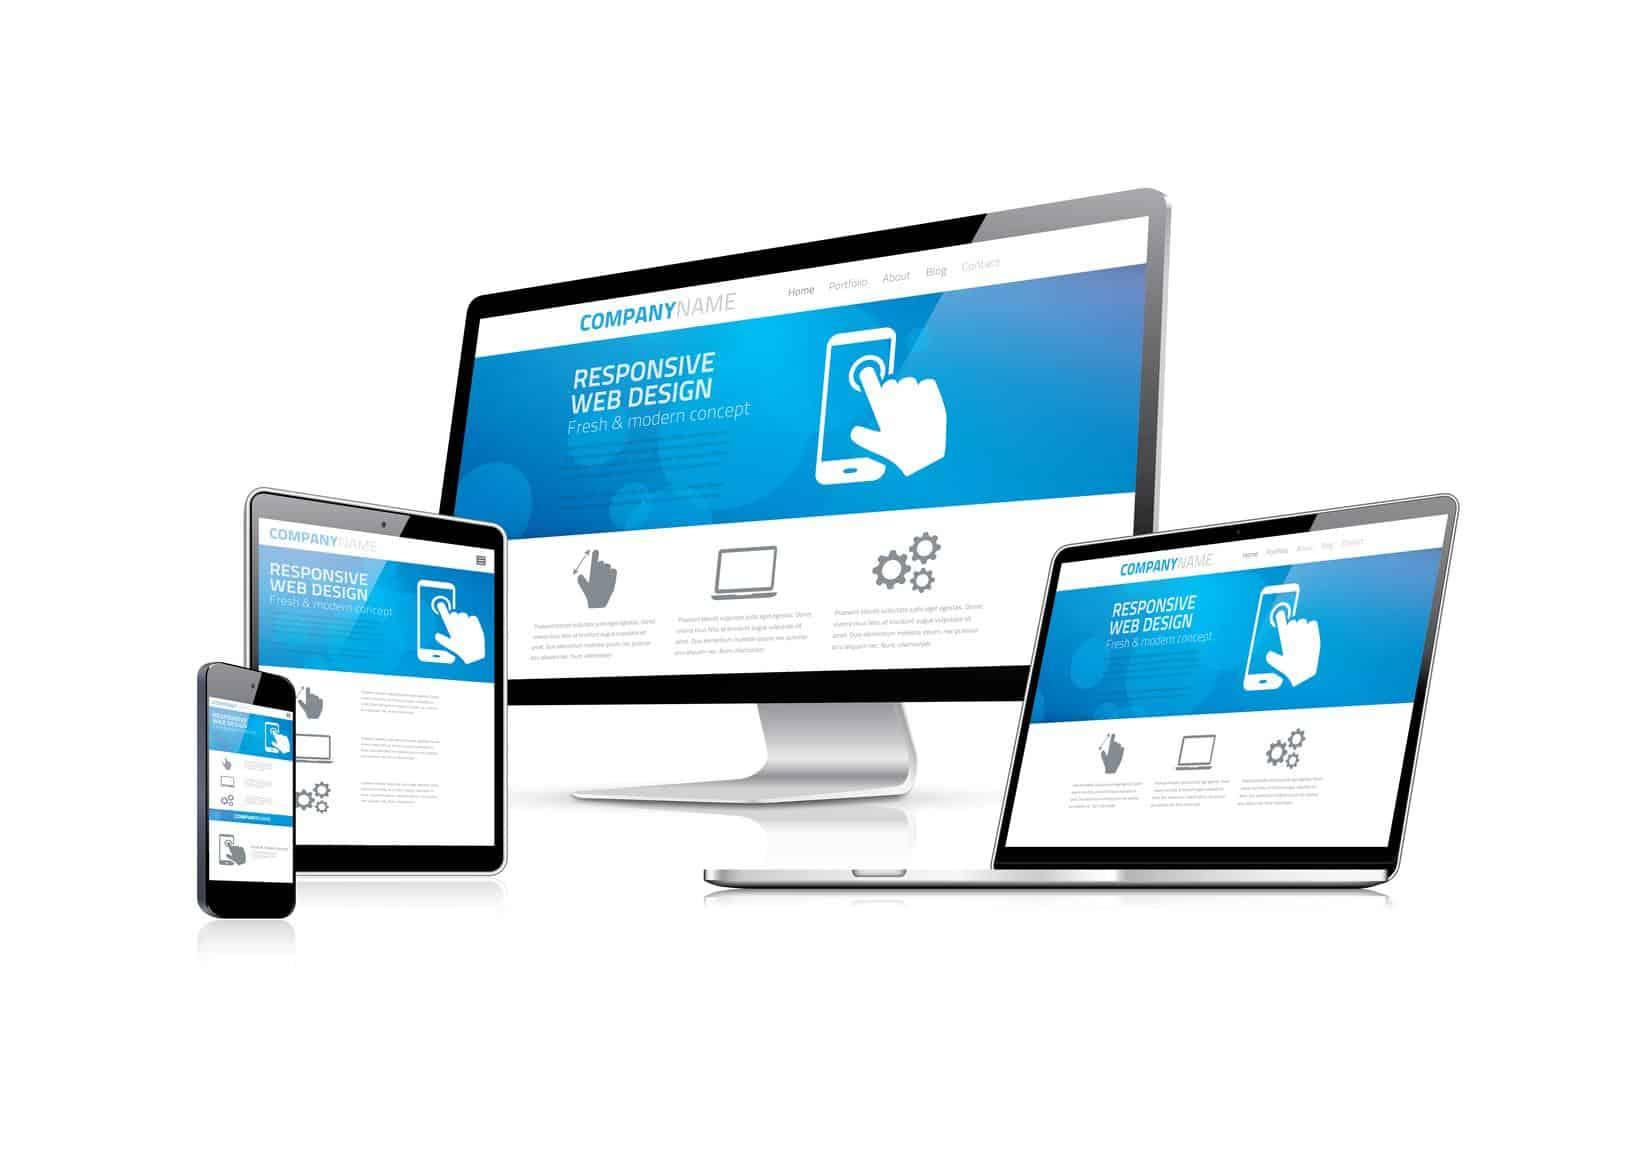 diseño web en sintonía